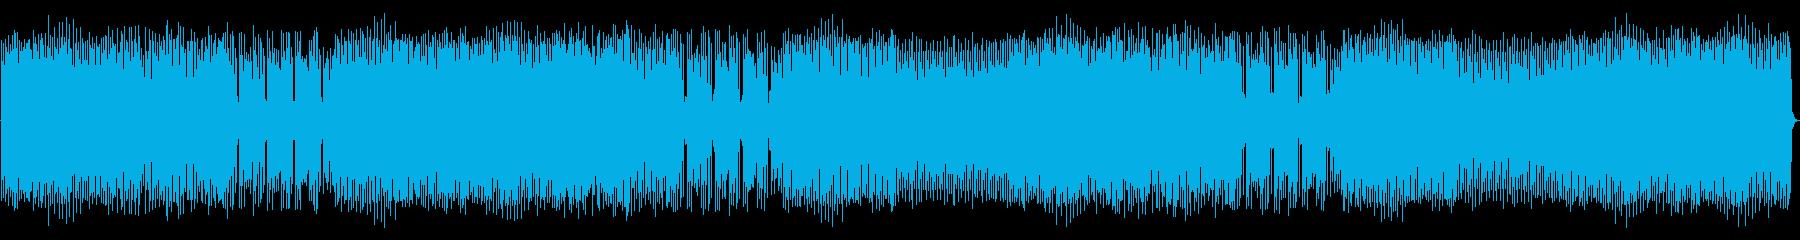 モダンなドラムビートとアグレッシブ...の再生済みの波形